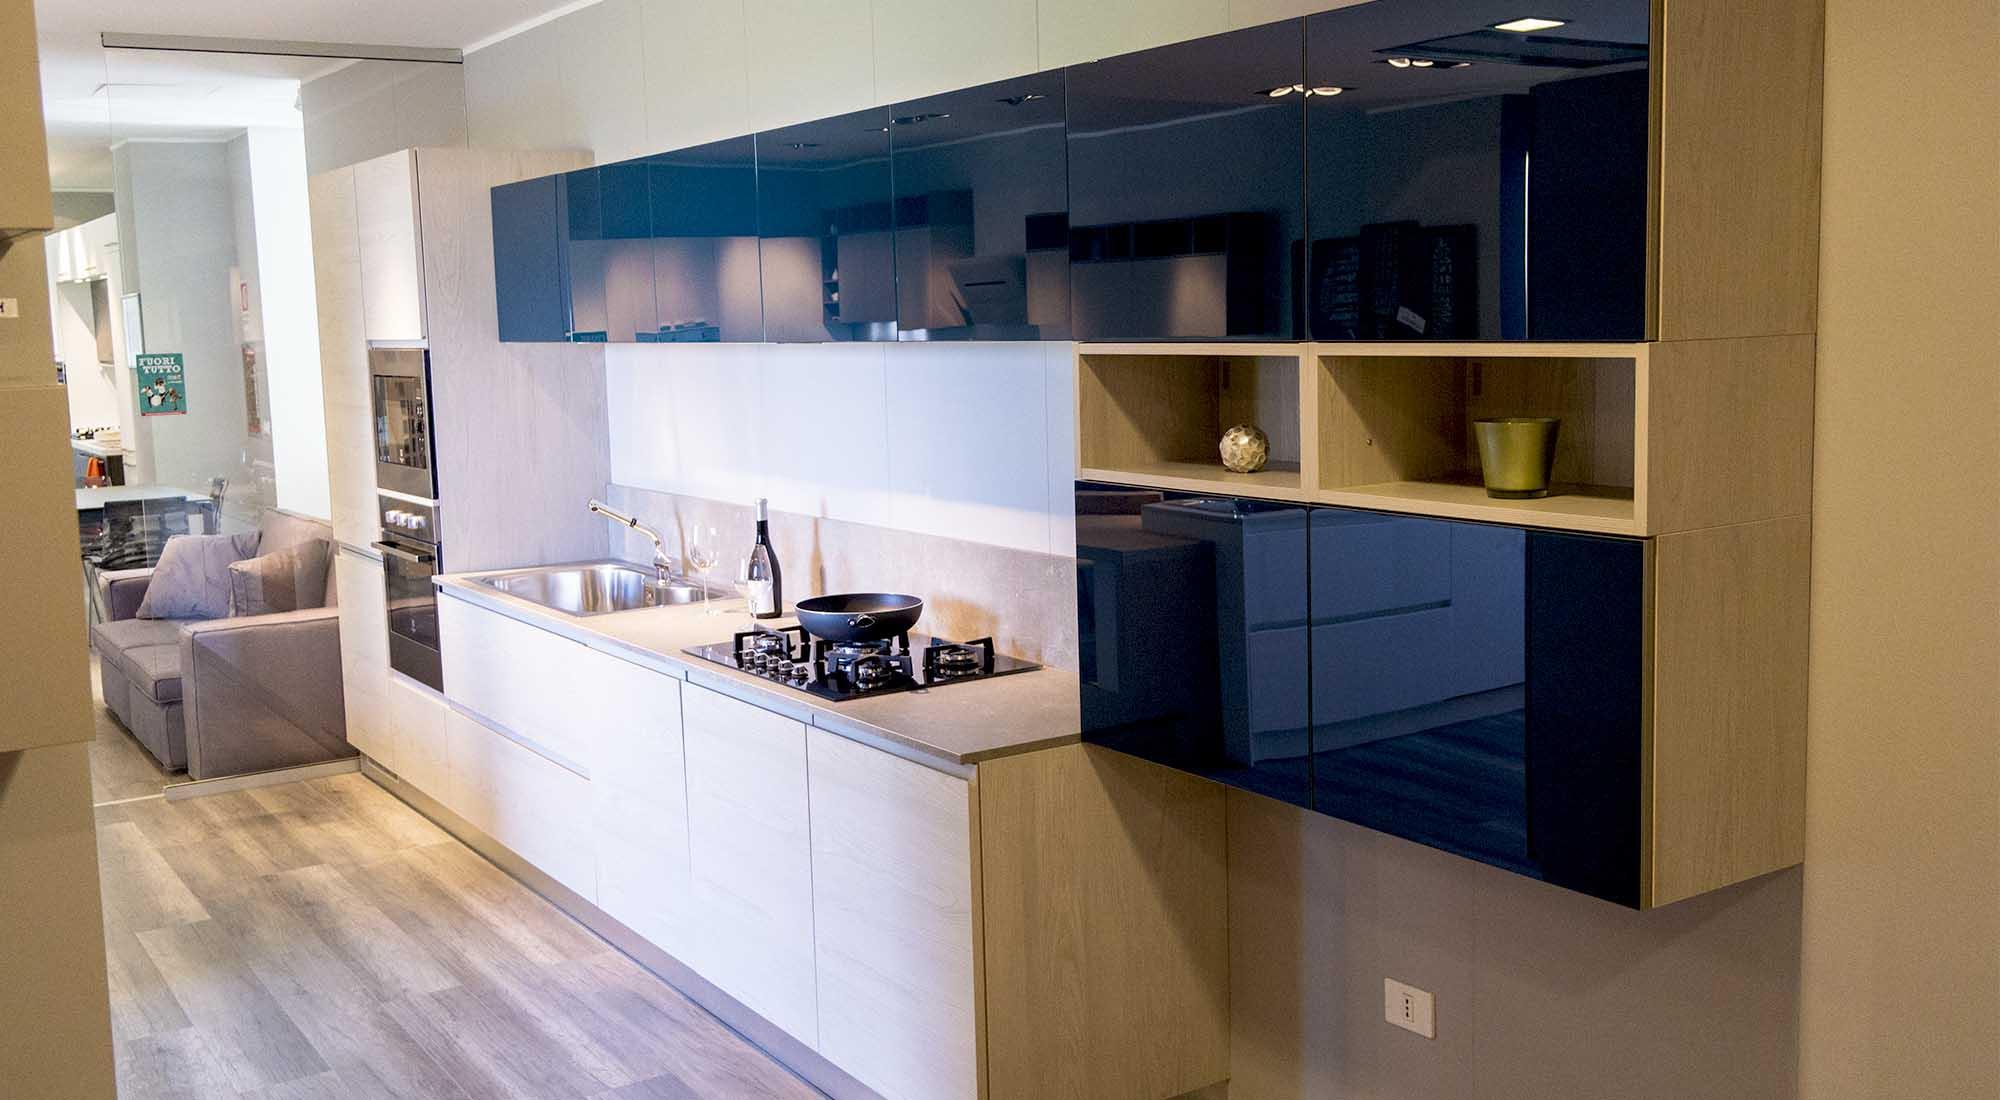 Ante Vetro Cucina cucina anta maniglia con pensili in vetro blu cobalto5 -